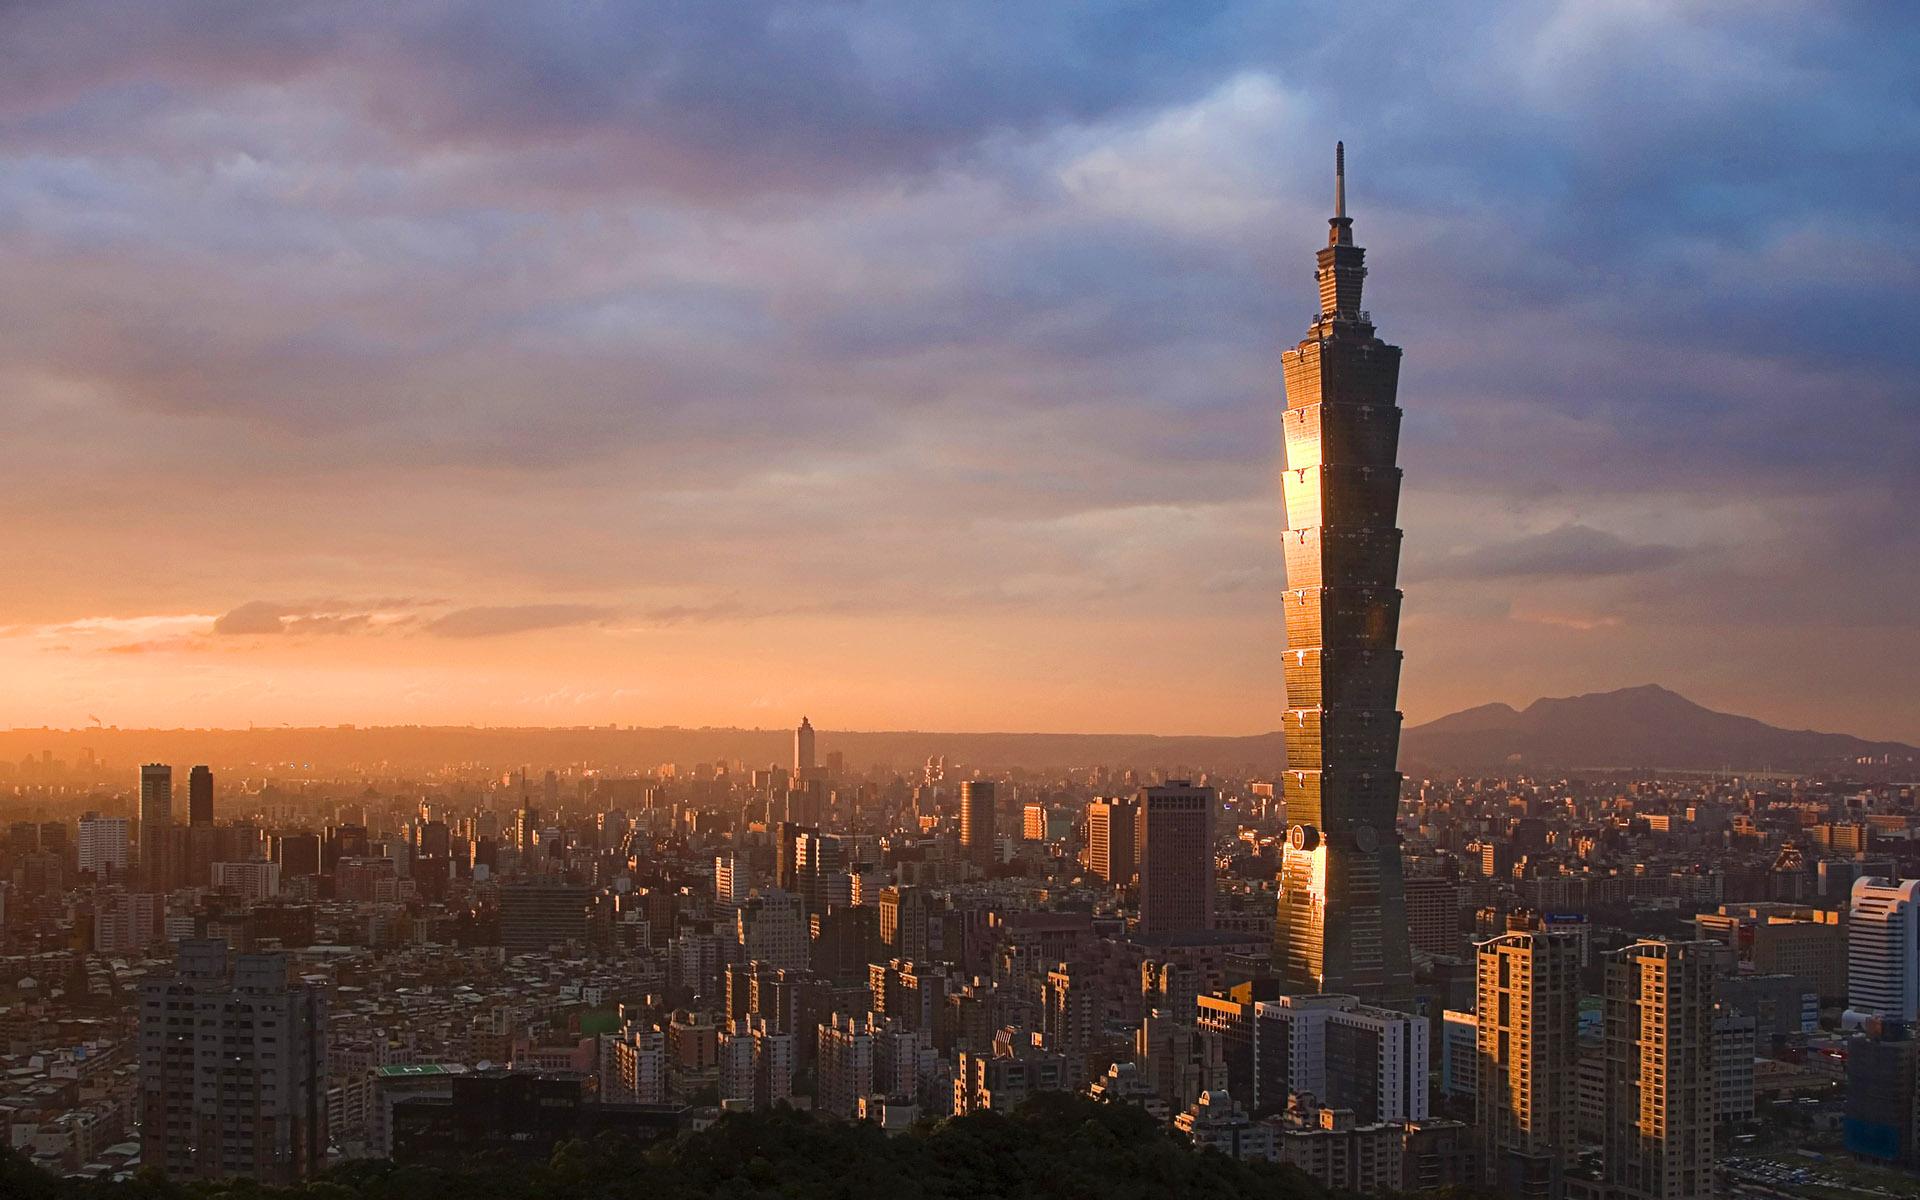 Taiwan Taipei 101